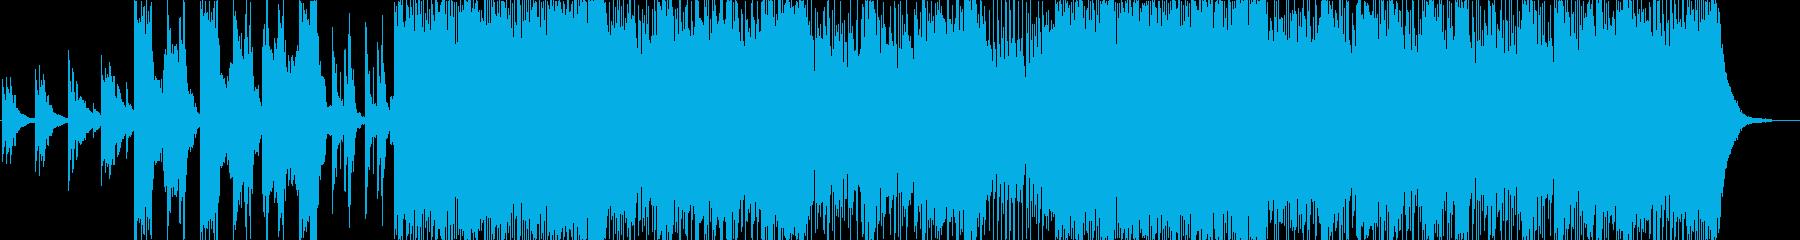 癒し系和風テイストポップの再生済みの波形